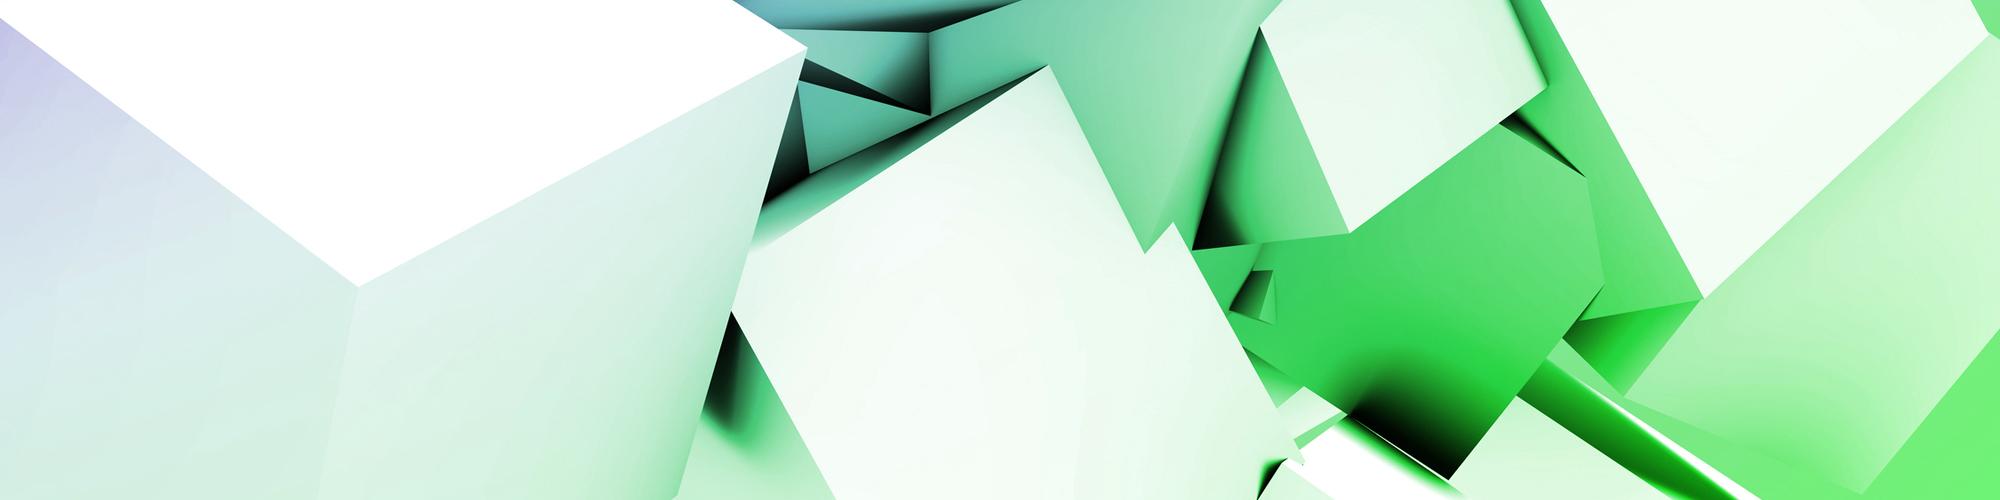 Mexi Design Visitenkarten Flyer Und Mehr Gütersloh